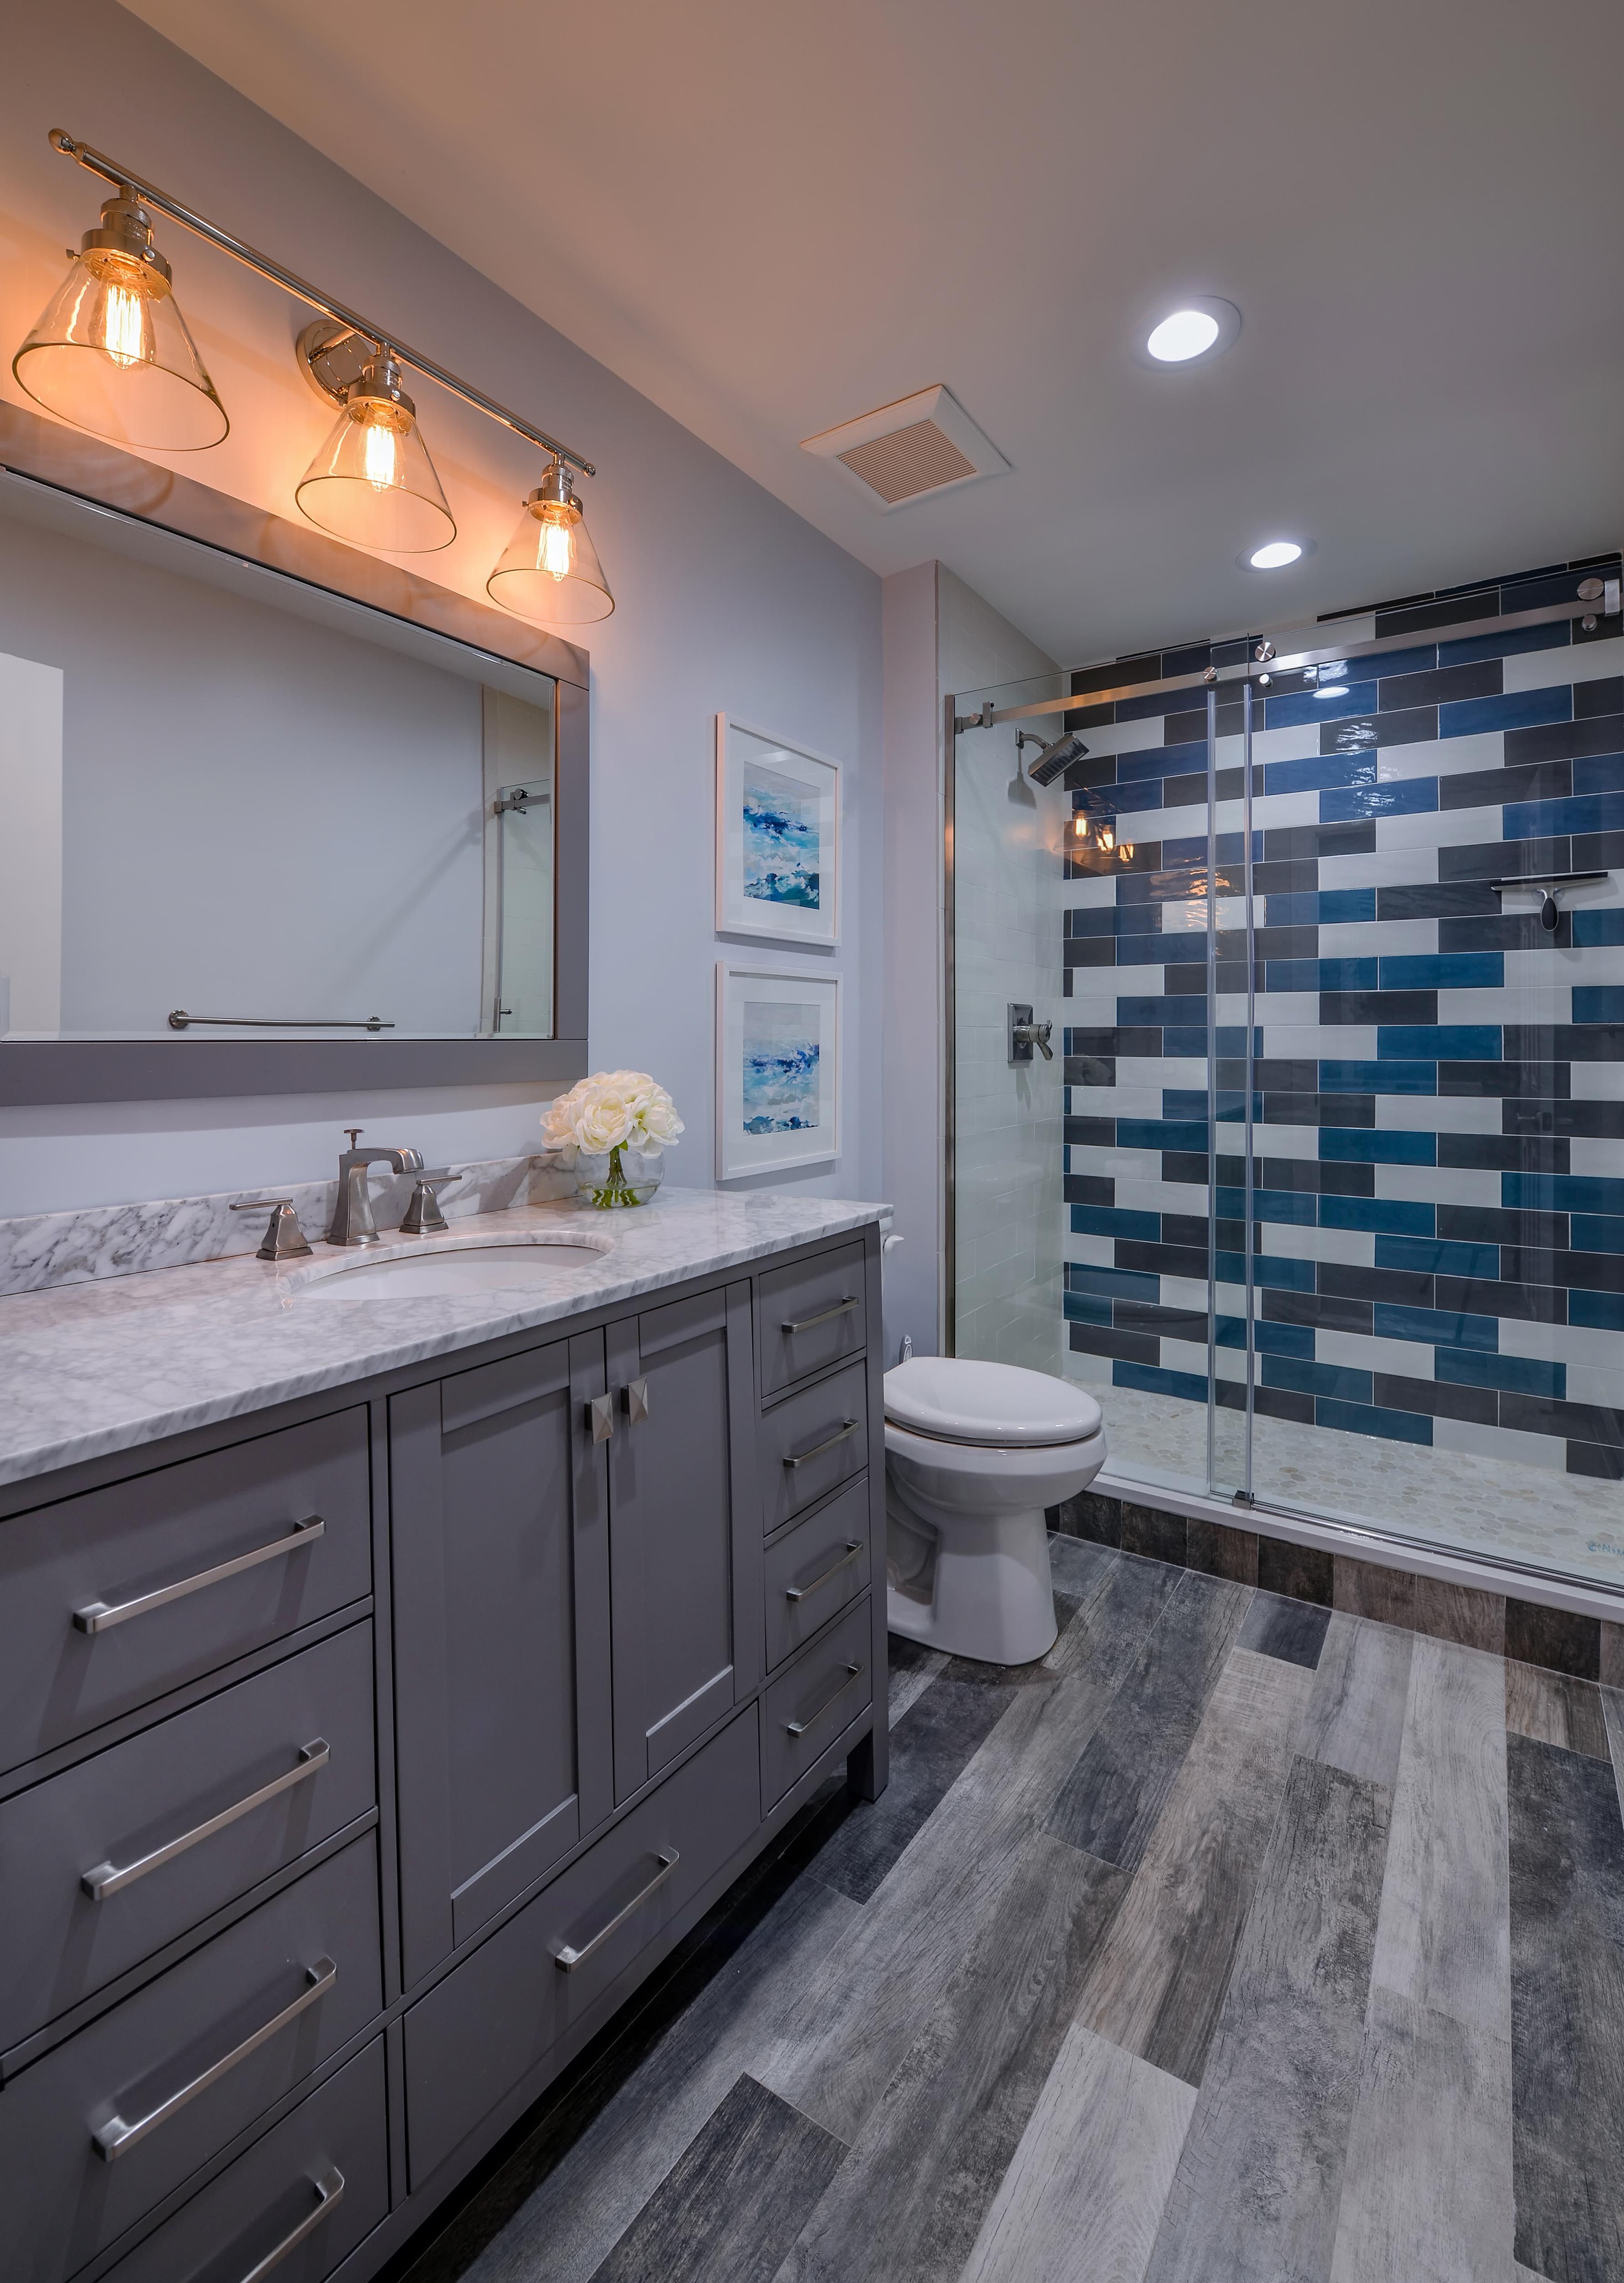 2nd Fl. Guest Bathroom